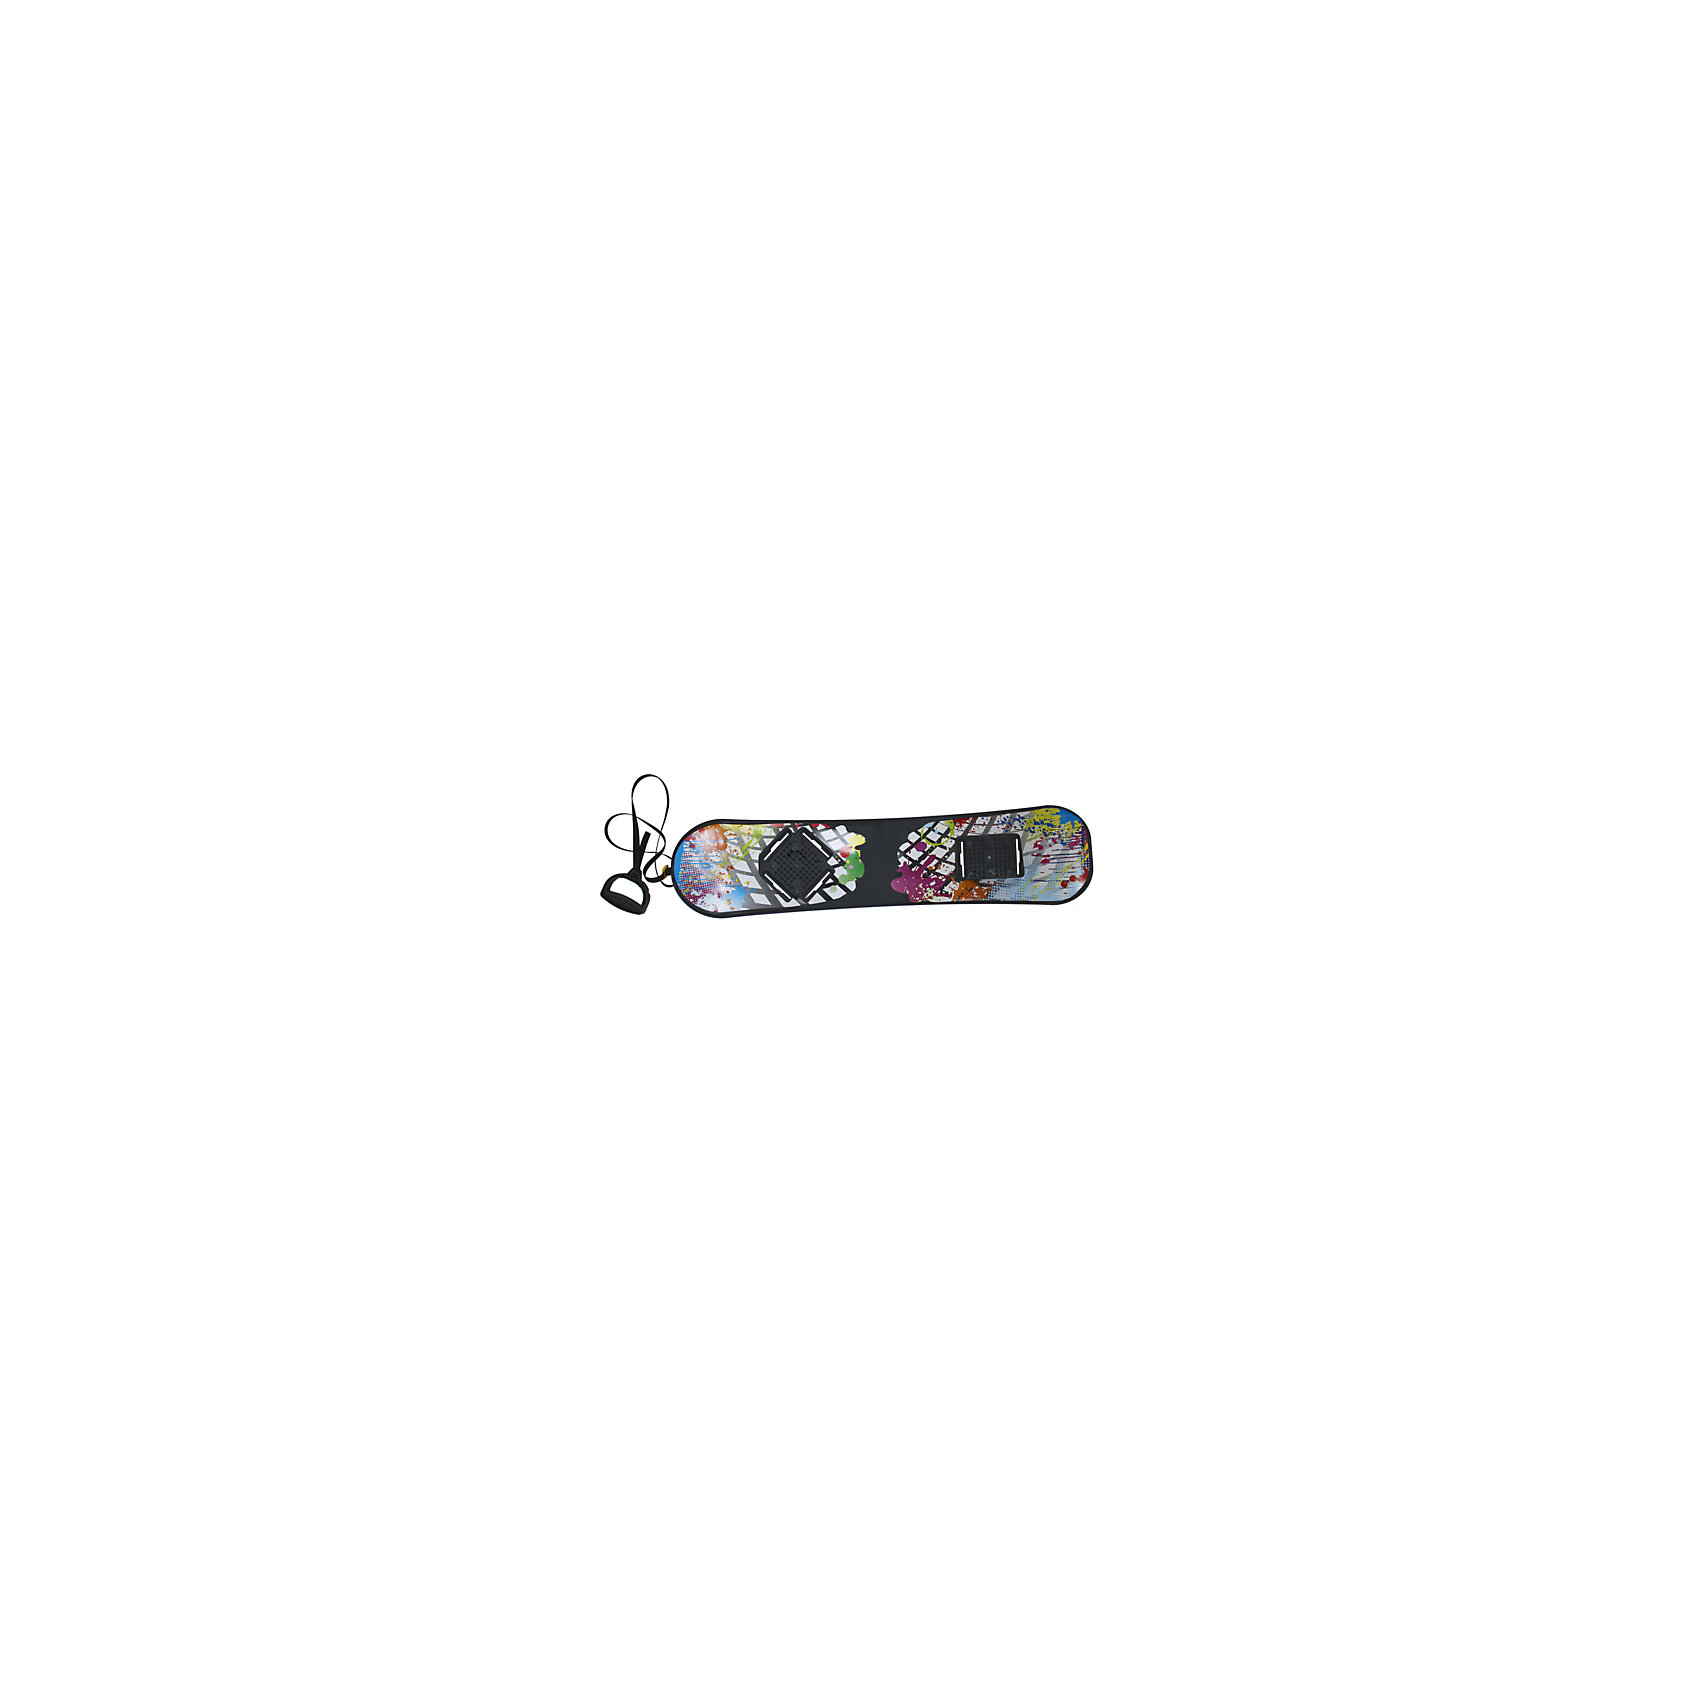 Сноускейт, ЦиклЛыжи и сноуборды<br>Сноускейт, Цикл, отлично подойдет для активного веселого зимнего отдыха и занятий спортом. Детский сноускейт - это нечто среднее между сноубордом и скейтом, он предназначен для катания на небольших горках и особенно удобен для начинающих. Доска выполнена из морозостойкого композиционного материала и выдерживает динамические нагрузки. Крепление не требуется: юный сноубордист стоит на специальных площадках с противоскользящими шипами. Ремешок с ручкой позволяет слегка маневрировать во время спуска. Специальная обувь не требуется. Катание на сноуборде тренирует силу, выносливость, координацию движений и вестибулярный аппарат. Максимальный вес - до 70 кг.<br><br>Дополнительная информация:<br><br>- Материал: морозоустойчивый пластик.<br>- Размер: 95 х 22,5 х 2 см.<br>- Вес: 1,21 кг. <br><br>Сноускейт, Цикл, можно купить в нашем интернет-магазине.<br><br>Ширина мм: 950<br>Глубина мм: 225<br>Высота мм: 20<br>Вес г: 1210<br>Возраст от месяцев: 120<br>Возраст до месяцев: 192<br>Пол: Унисекс<br>Возраст: Детский<br>SKU: 4383763